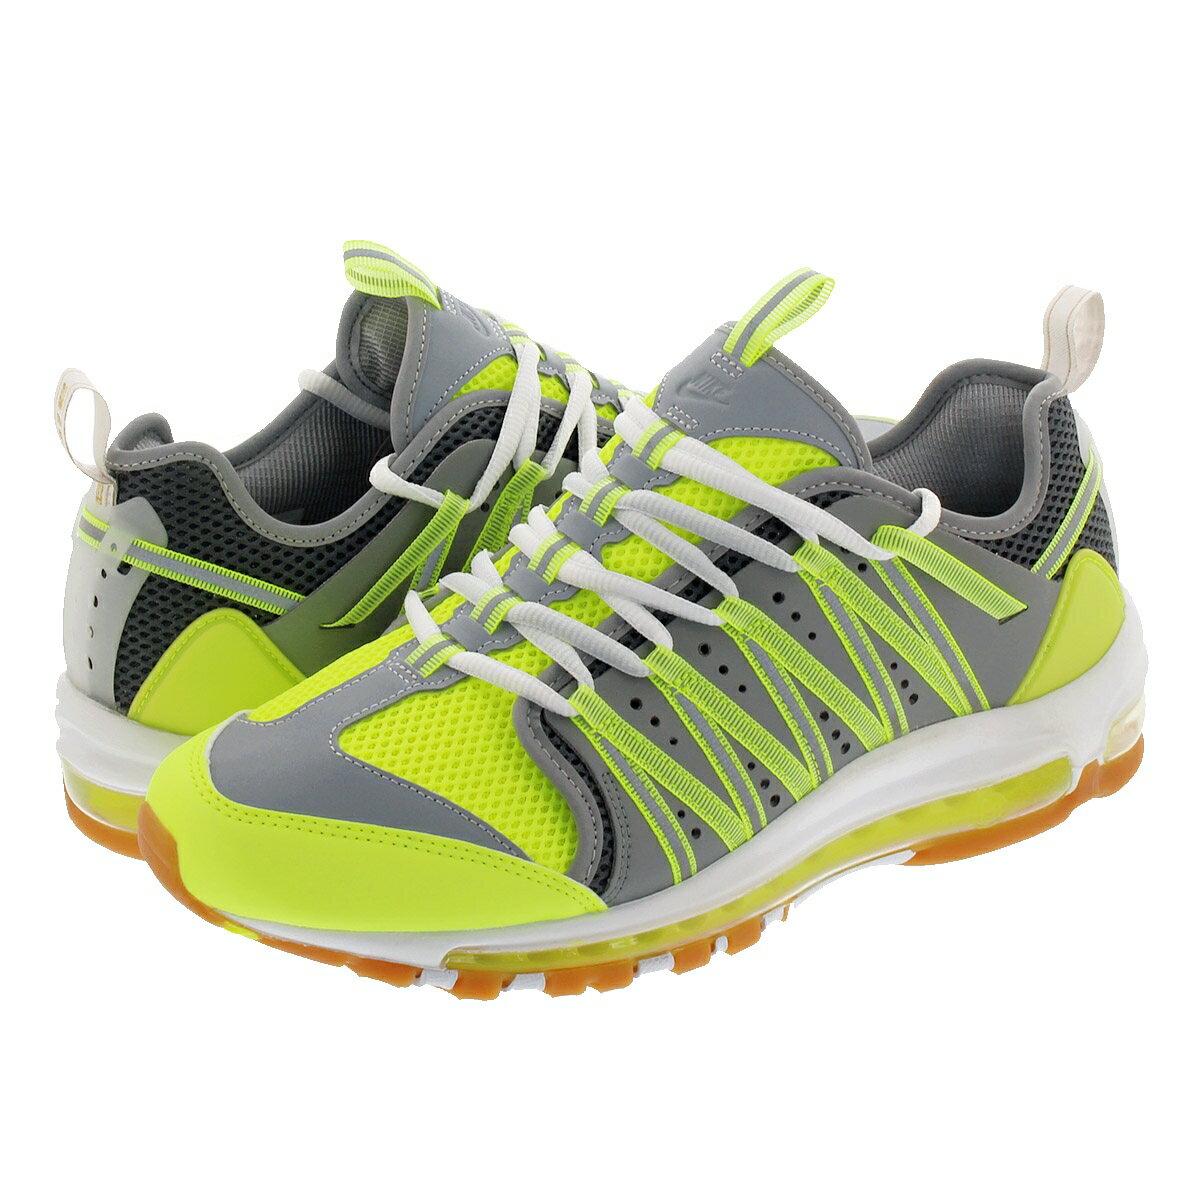 メンズ靴, スニーカー  NIKE x CLOT AIR MAX 97 HAVEN x 97 VOLTDARK GREYPURE PLATINUM ao2134-700